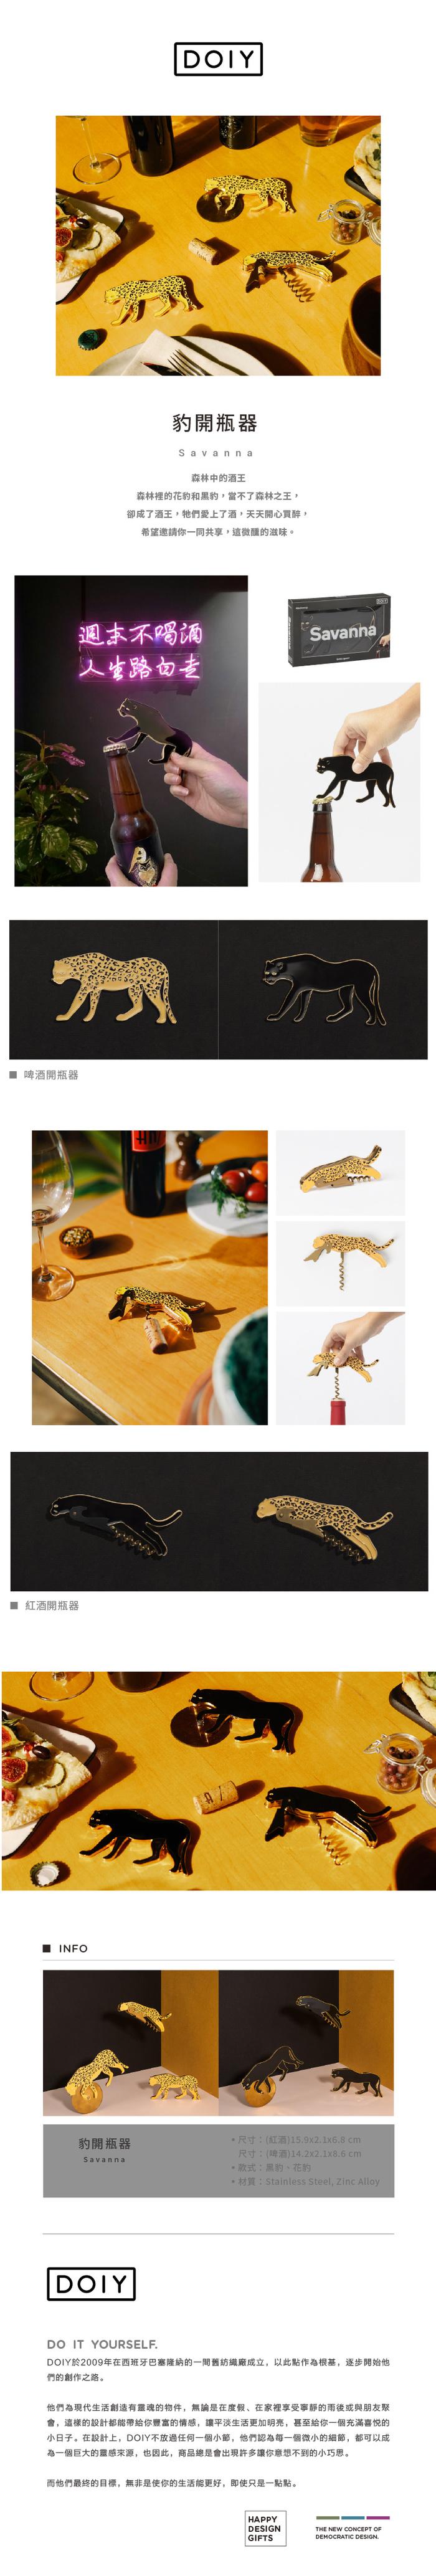 (複製)DOIY|眼鏡蛇啤酒開瓶器